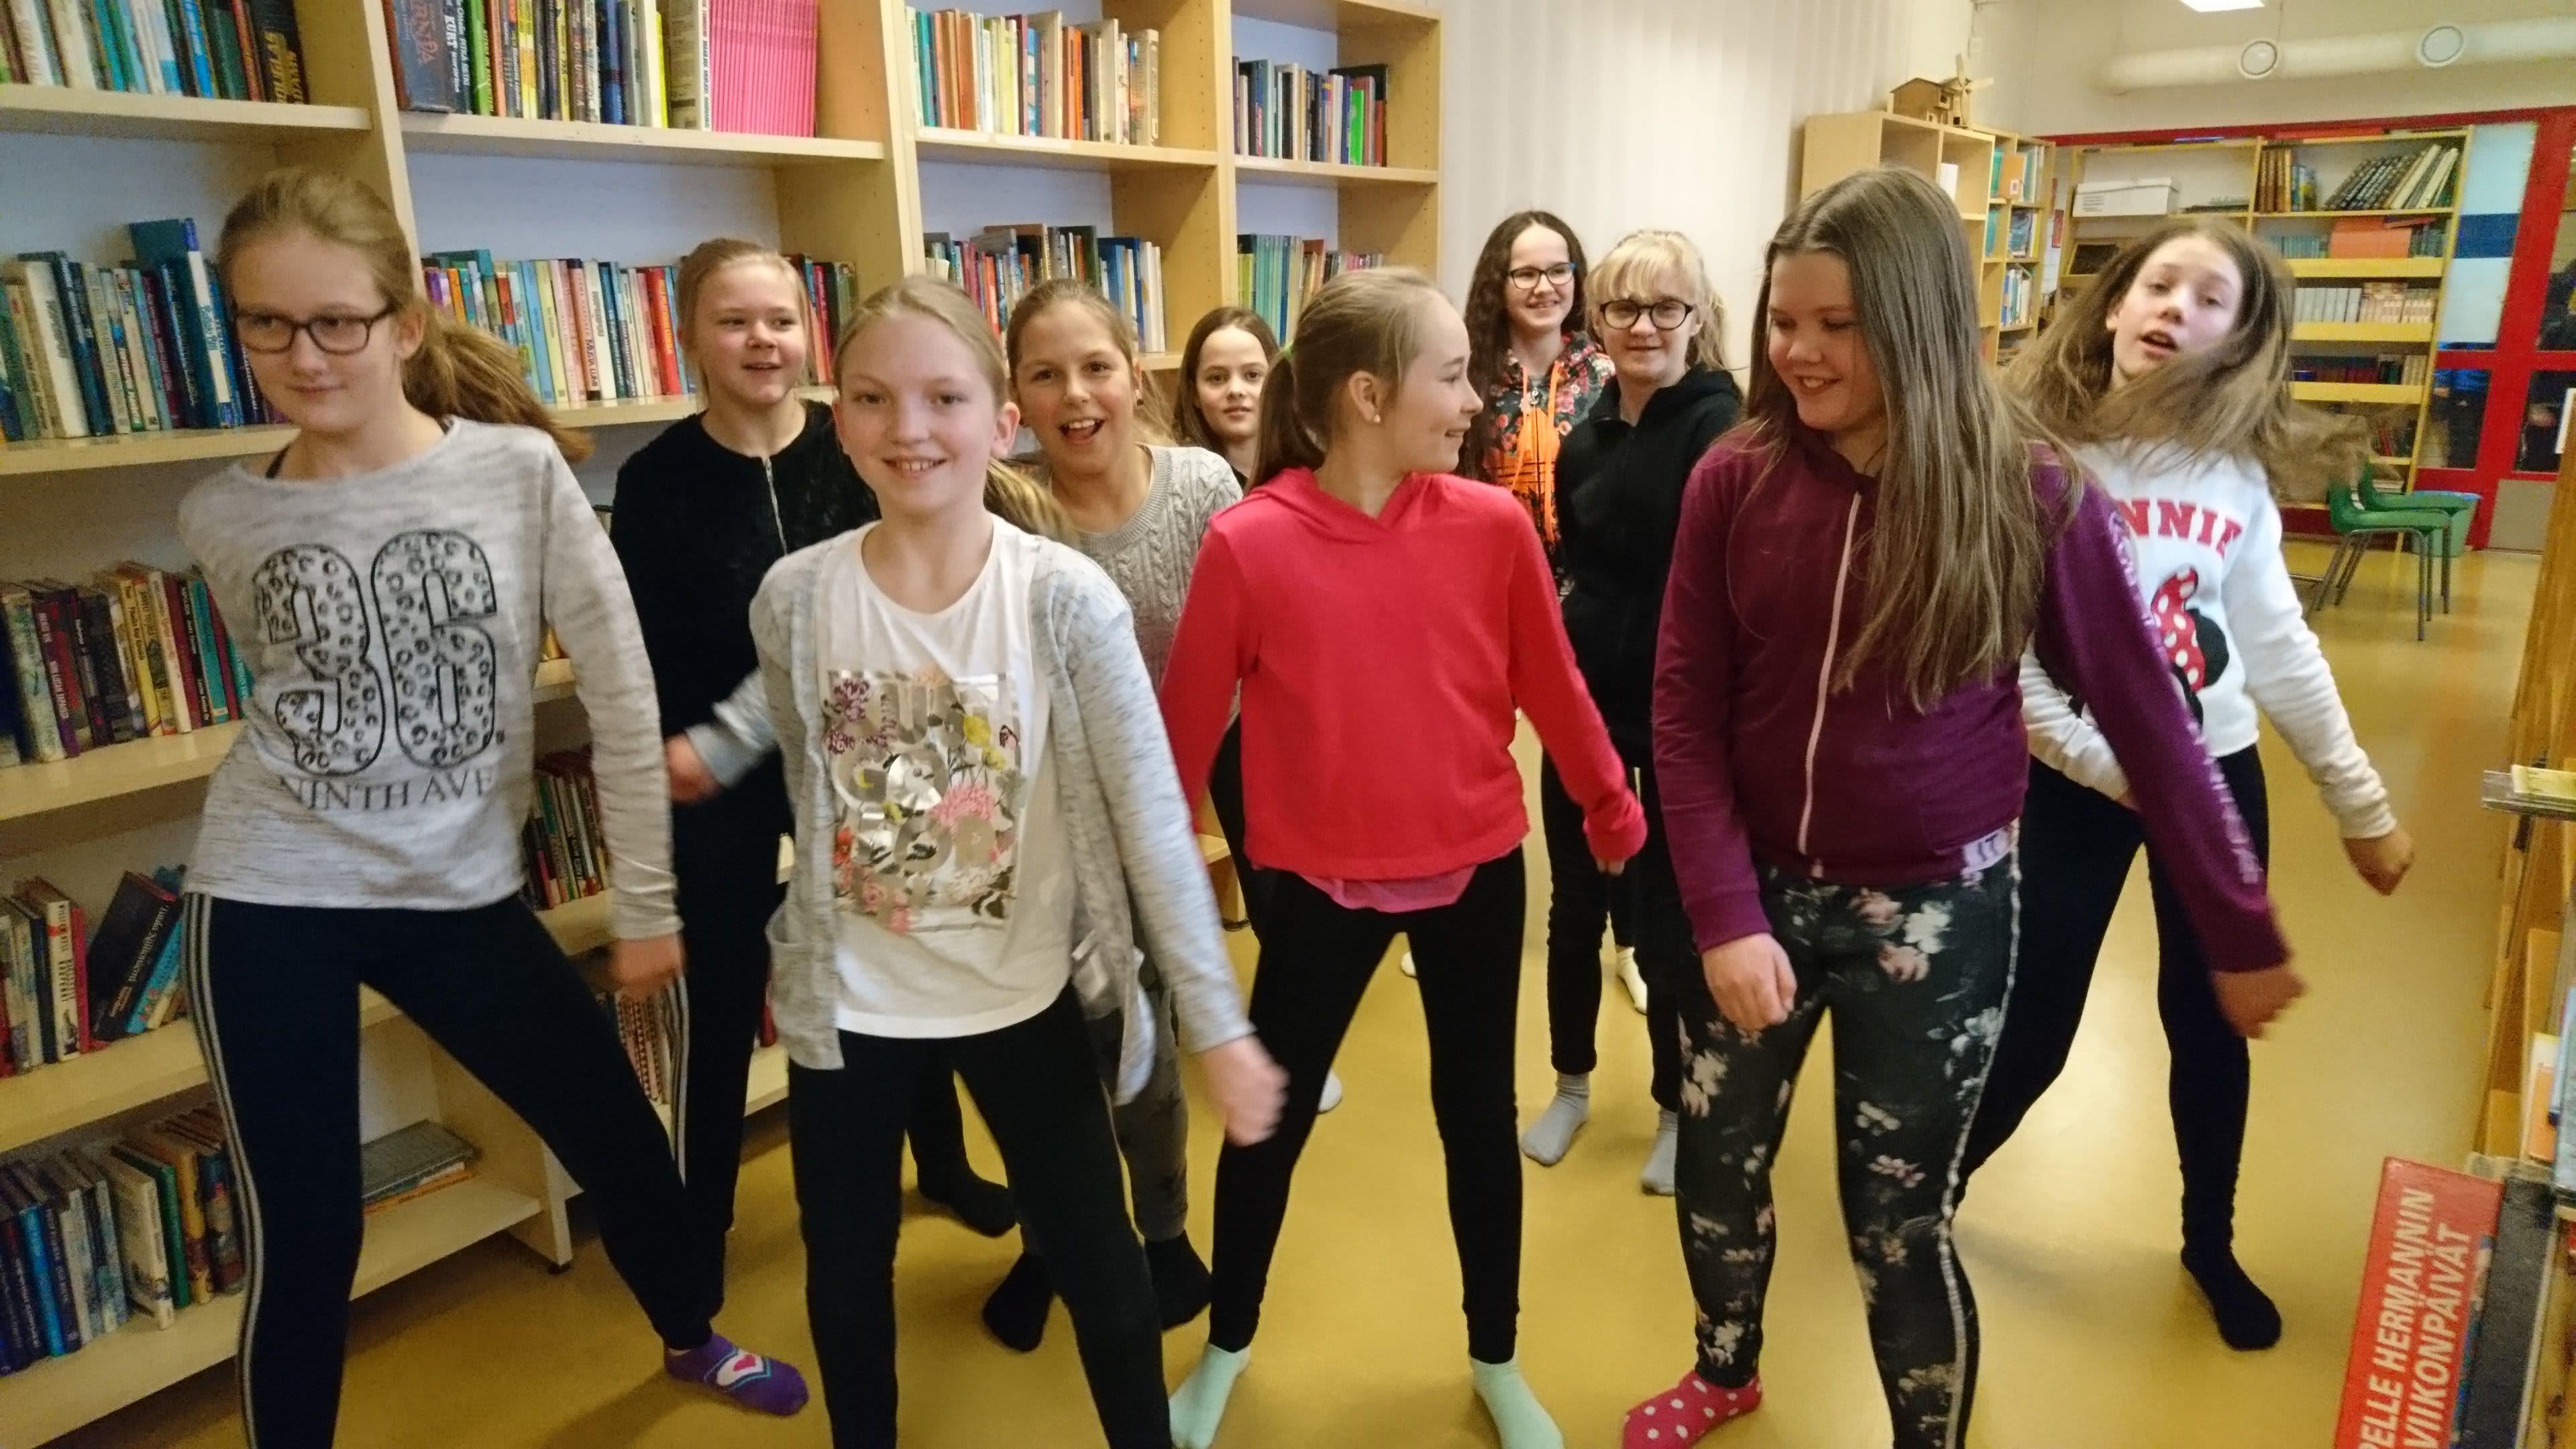 Tytöt tanssivat koulun kirjastossa.